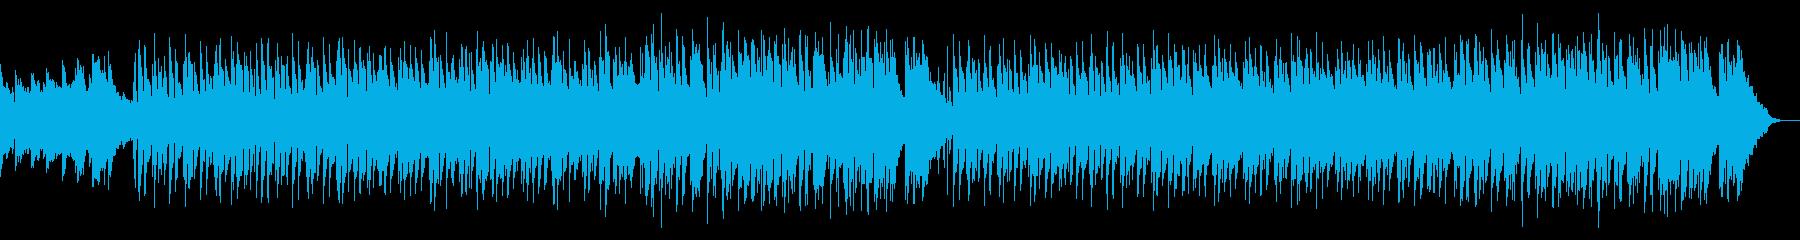 キラキラした冬の温かなポップスの再生済みの波形